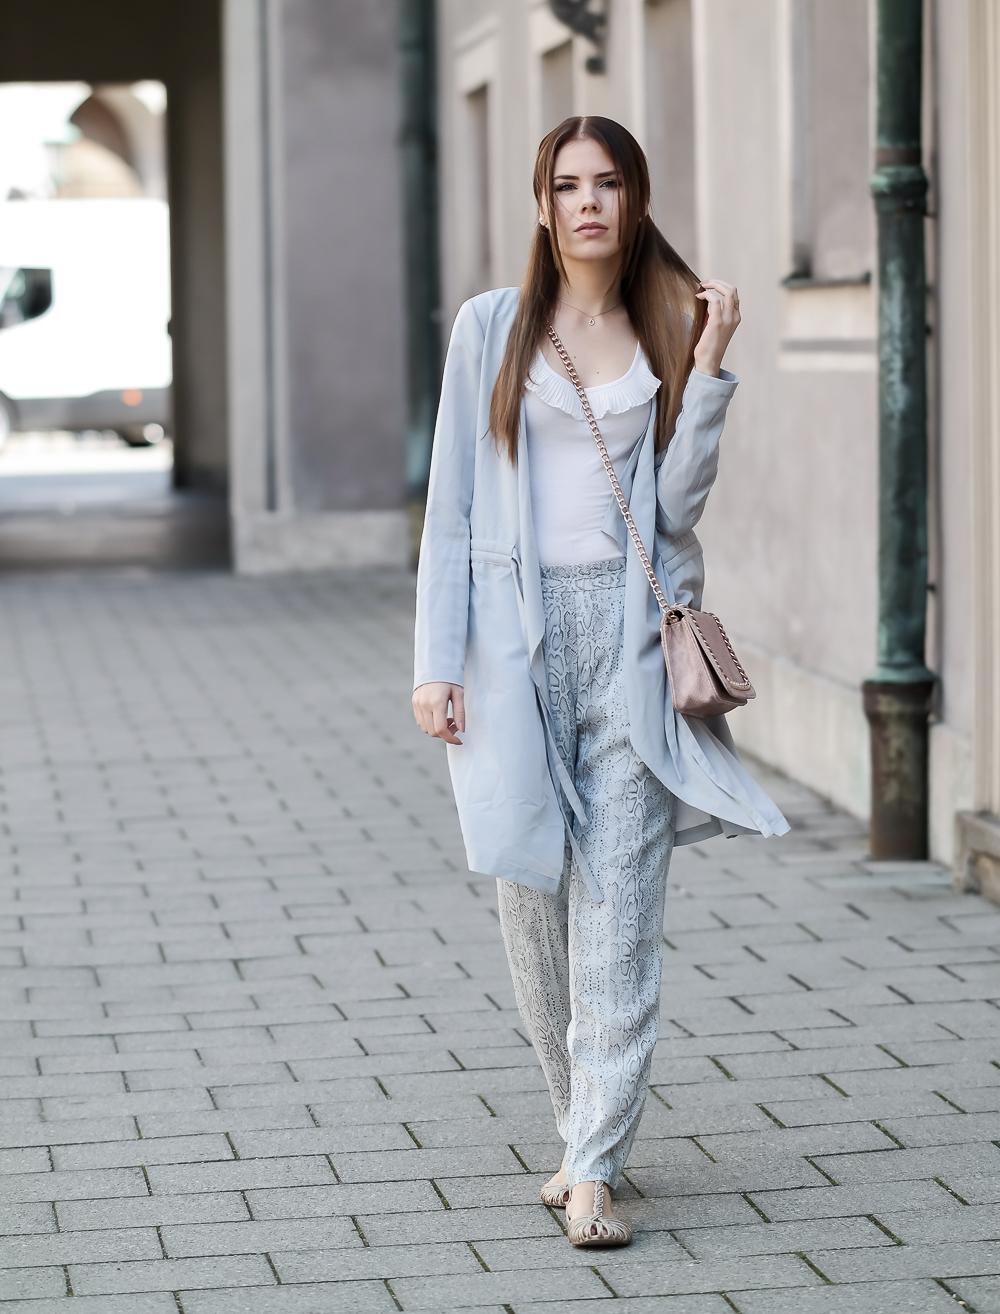 TheRubinRose-The Rubin Rose-Modeblog München-Fashionblog München-Munich-Germany-Deutschland-Privates vs. Geschäftliches-Privates-Beruf-Freunde-Familie-Beziehung-Freund-Reisen-Asos-Zara-H&M-Only-Event-Feiern-Religion-Politik-Do's und Don'ts